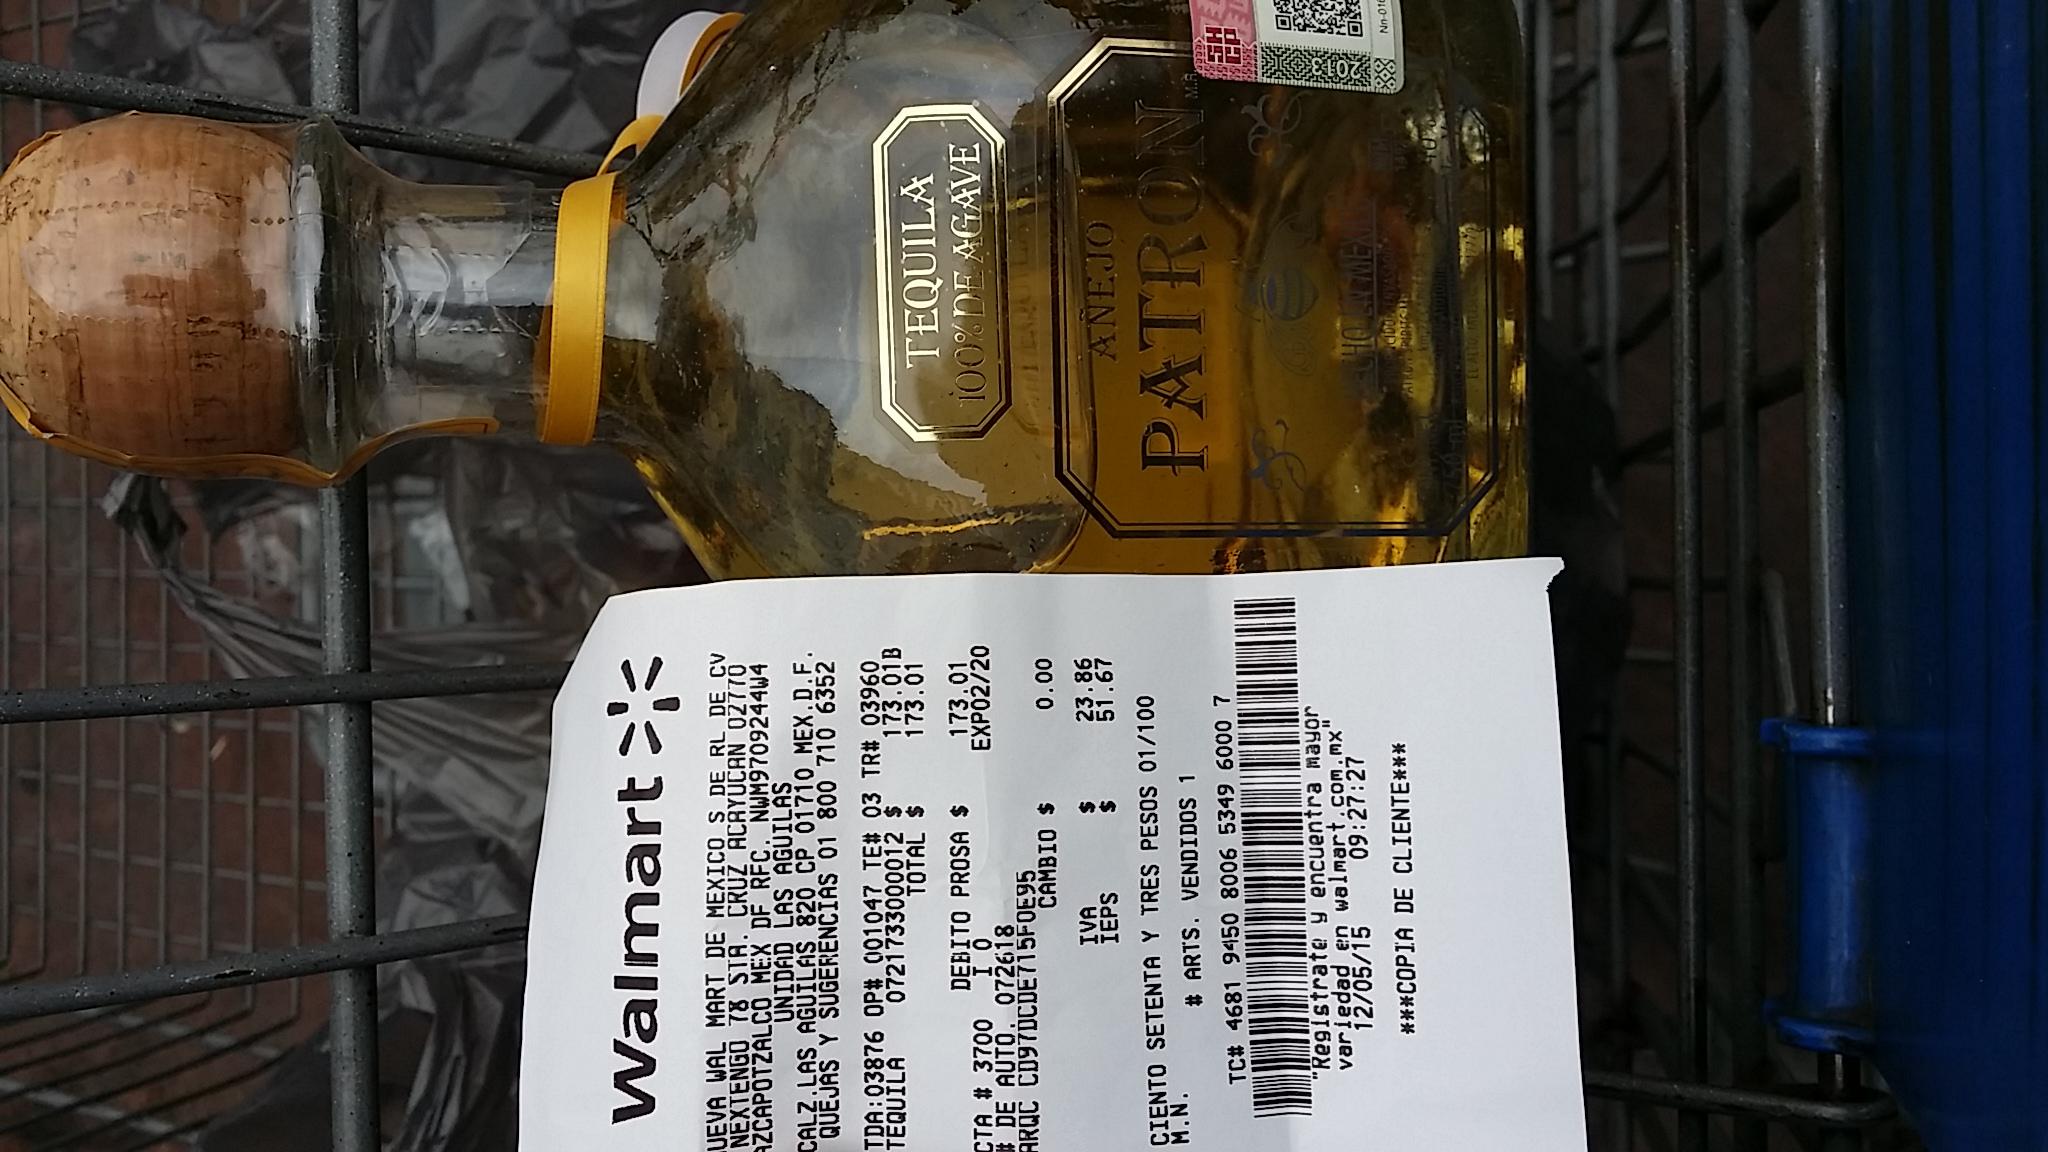 Walmart plateros: tequila patrón $173.01 (regular más de $600)